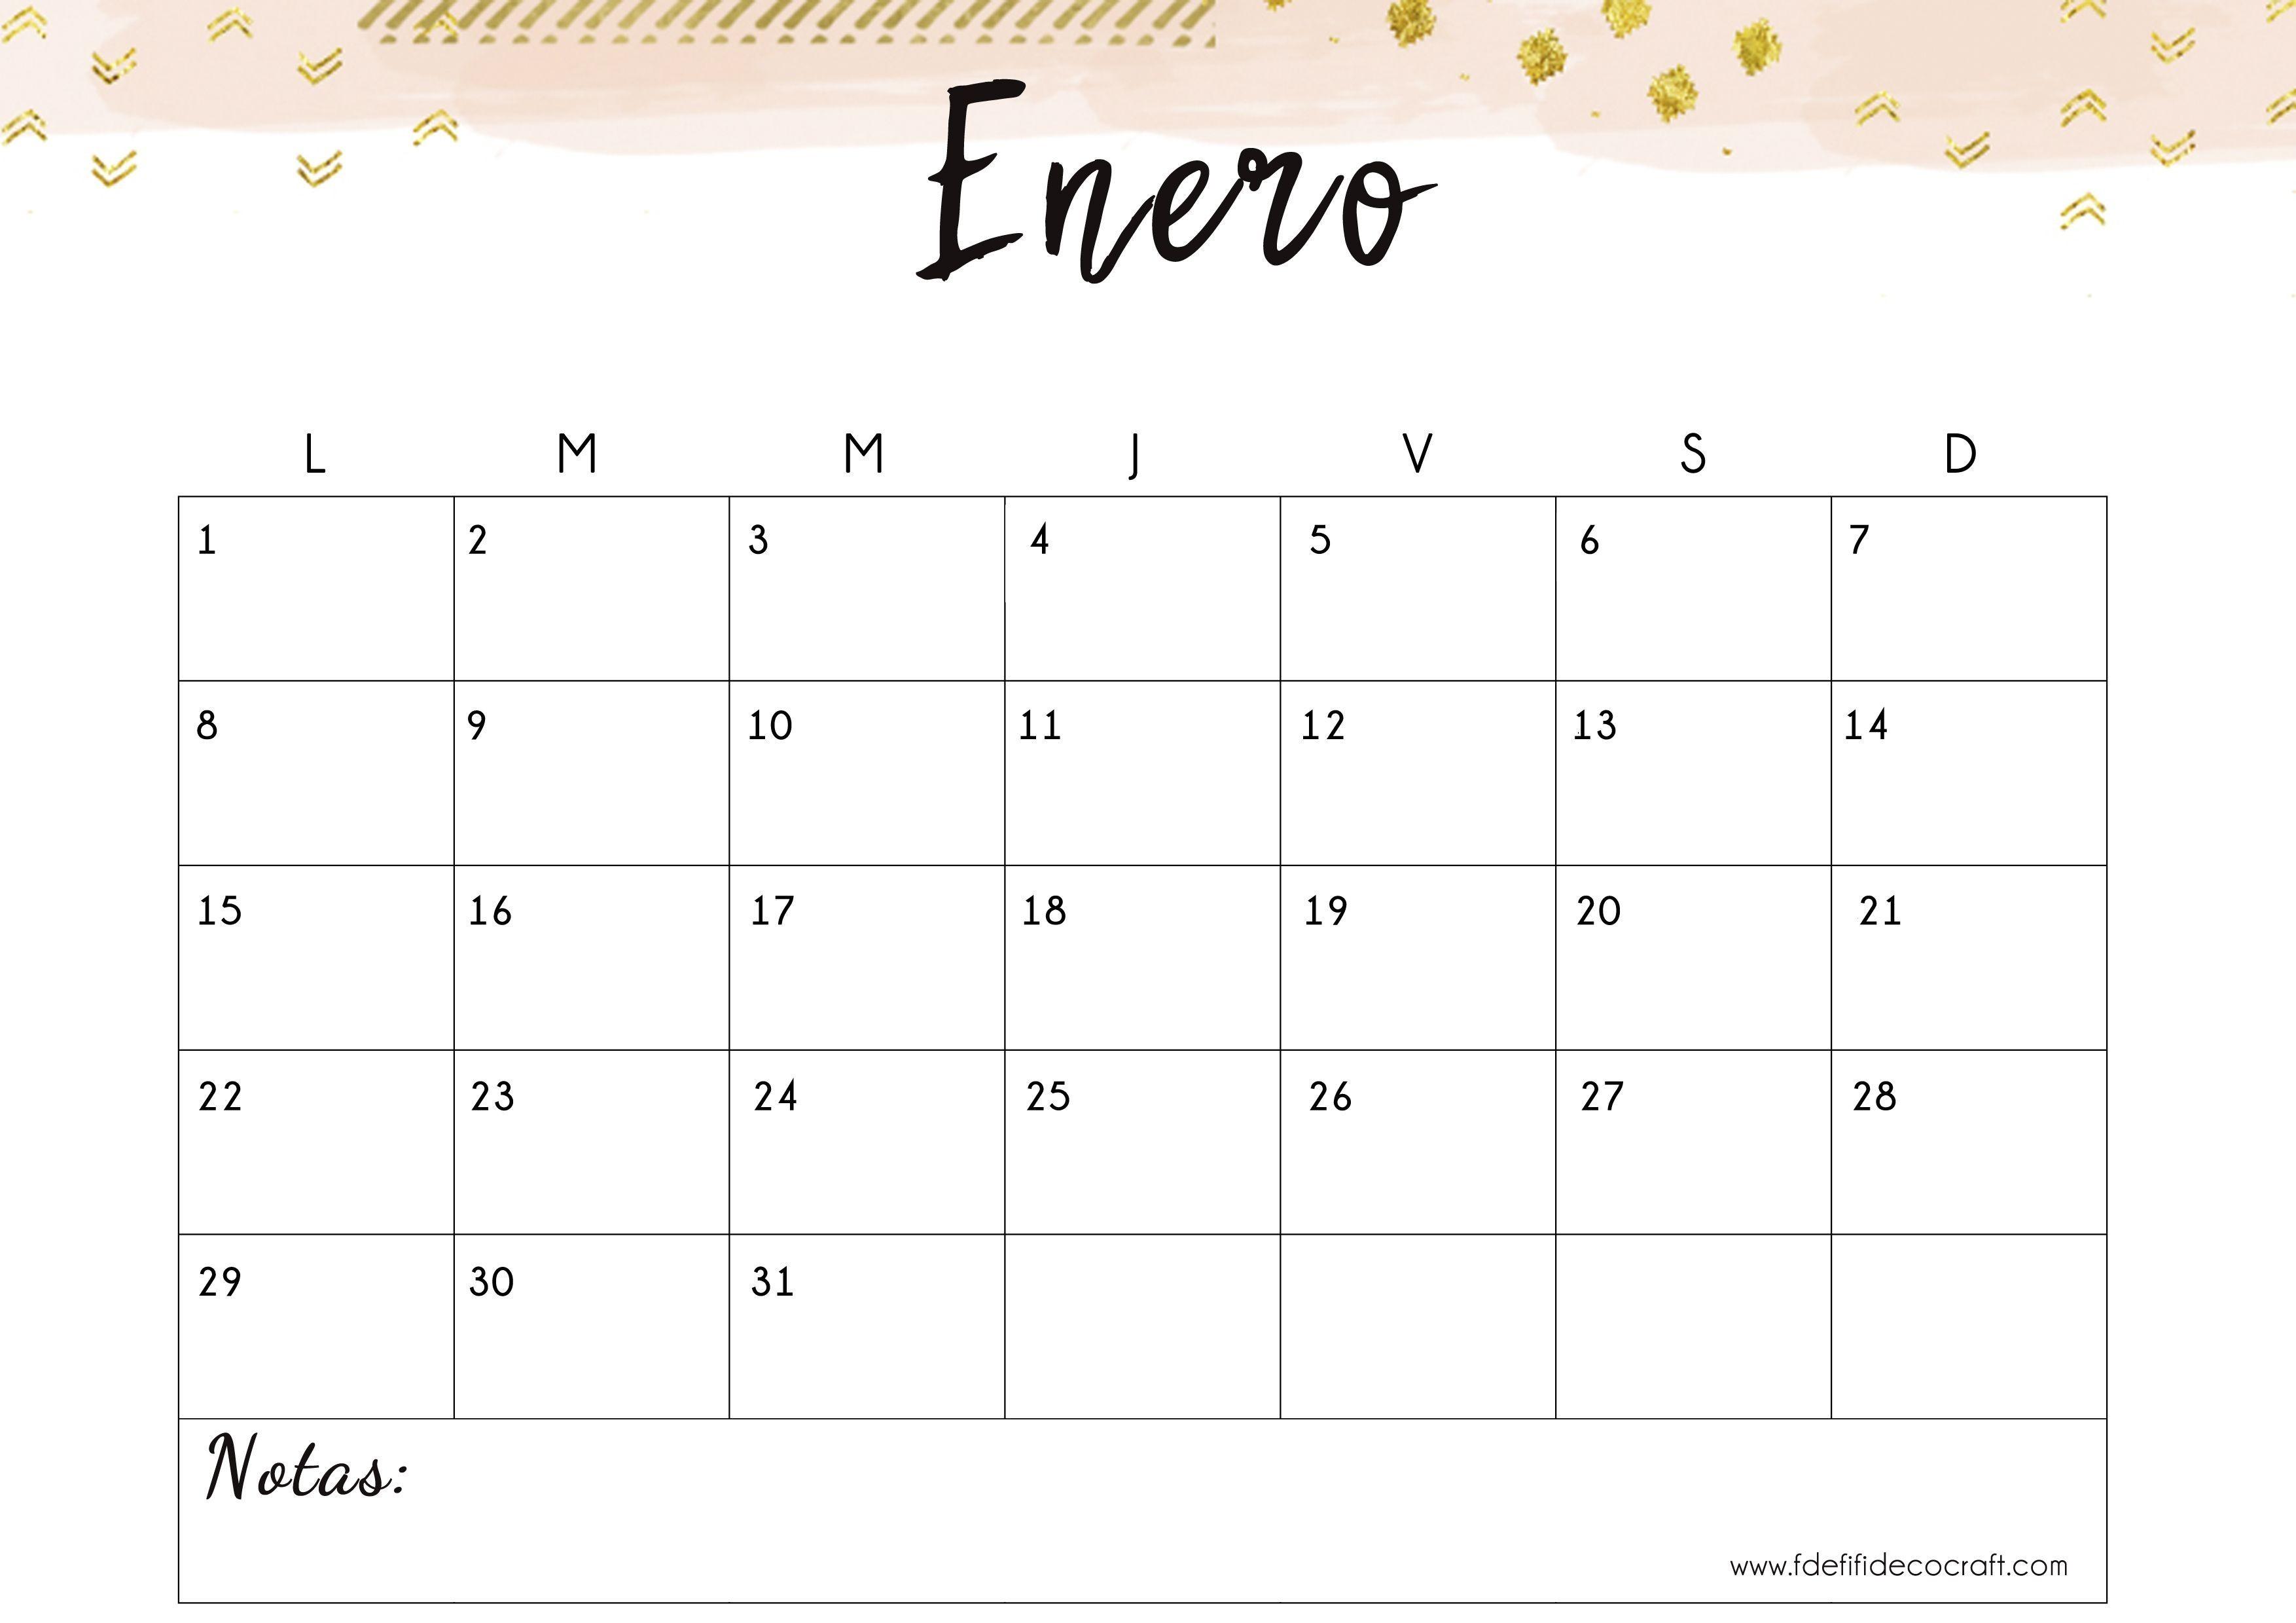 imprimir calendario 2019 argentina con feriados mas caliente informes calendario de escritorio 2019 para imprimir pdf of imprimir calendario 2019 argentina con feriados